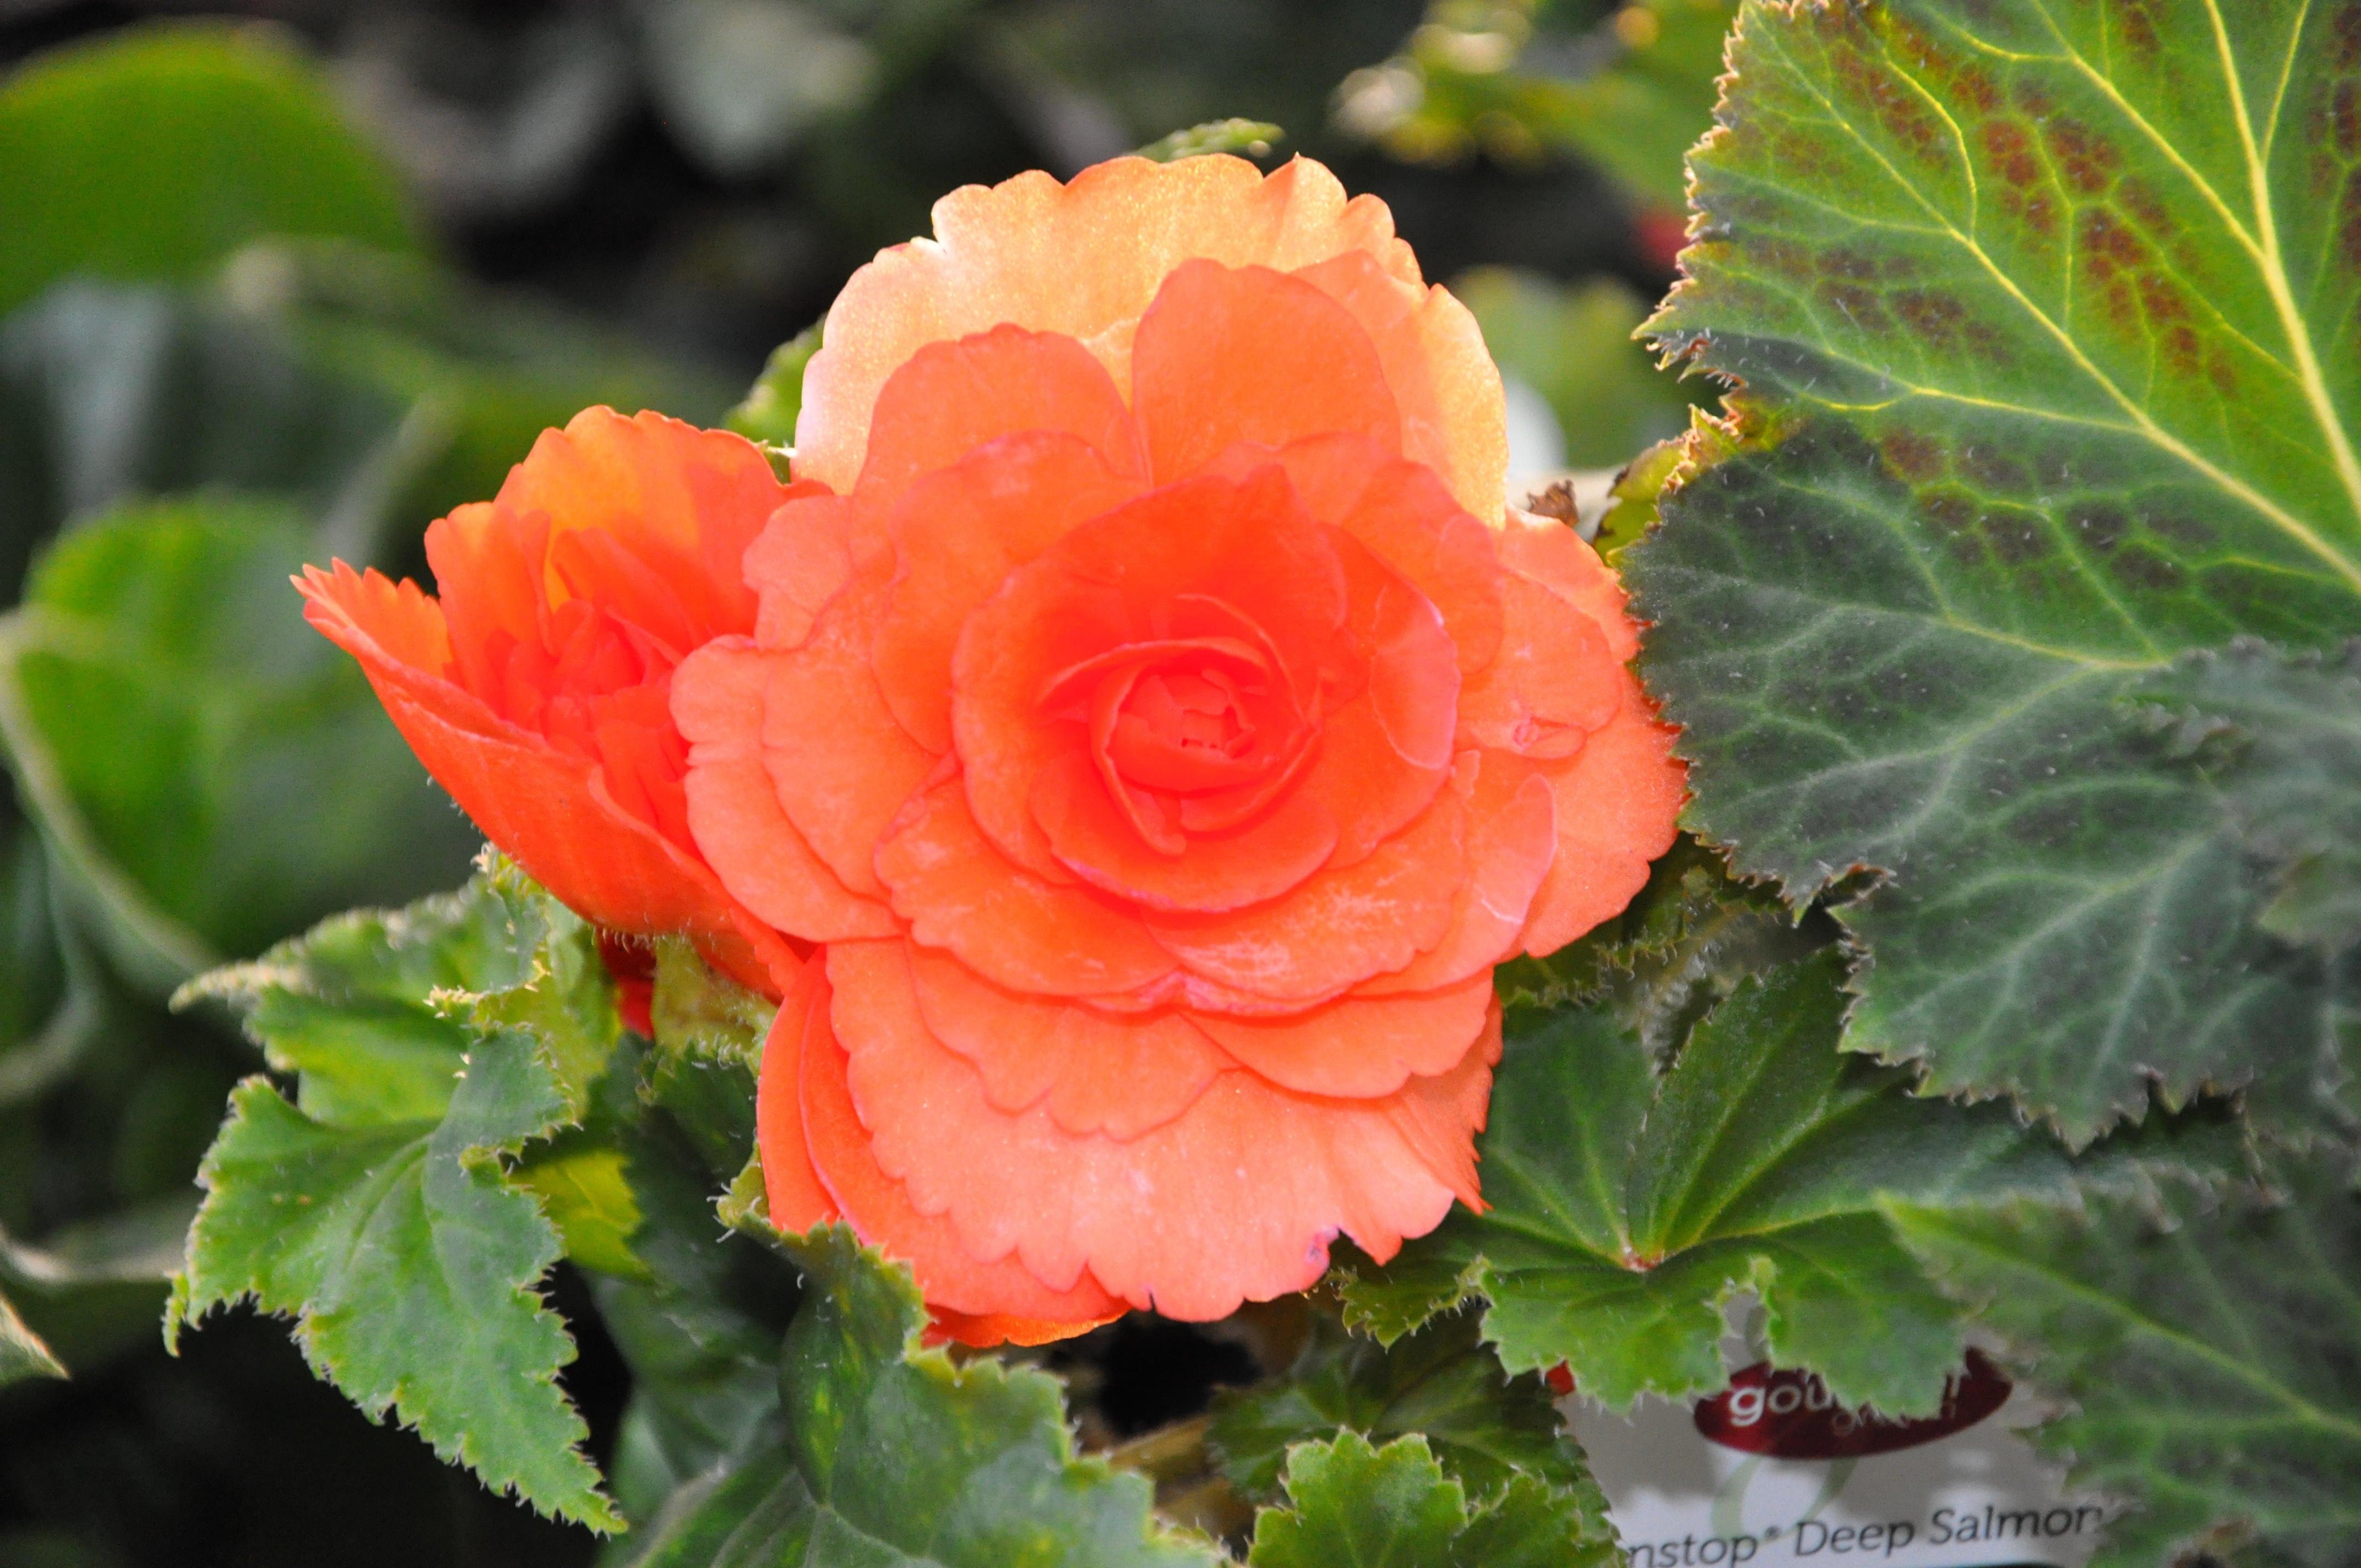 Begonia image